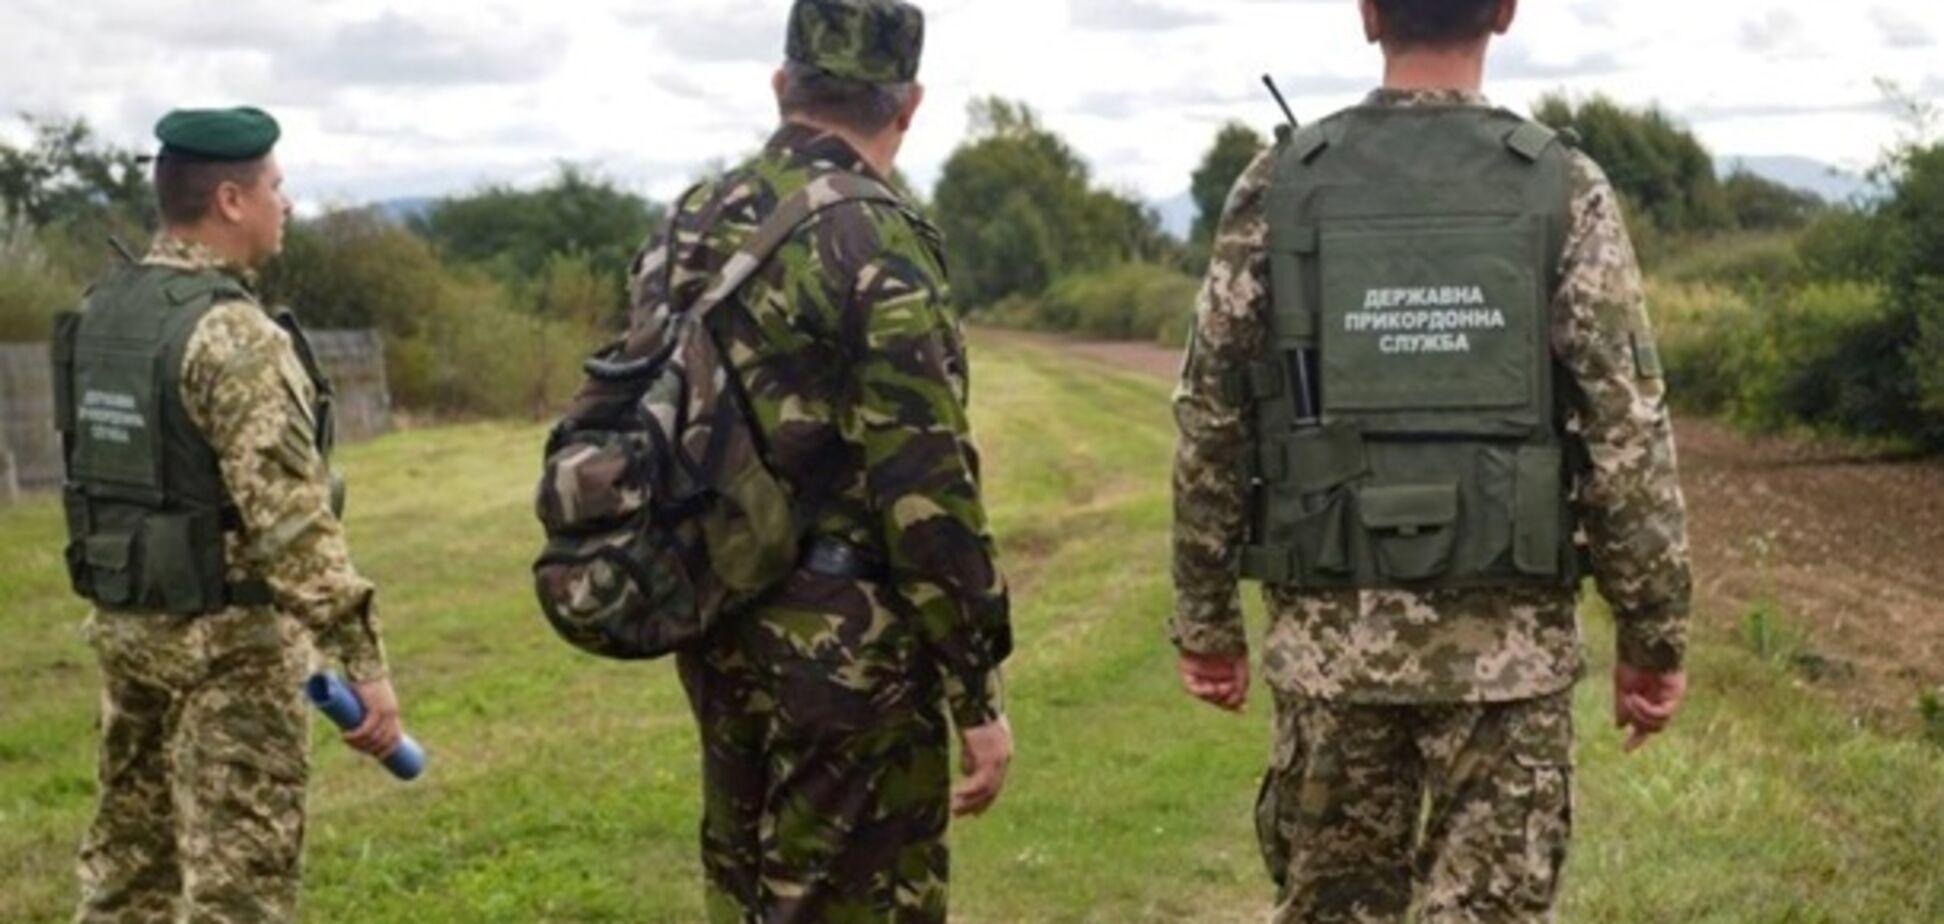 Похищение украинских пограничников: РФ готовила спецоперацию заранее